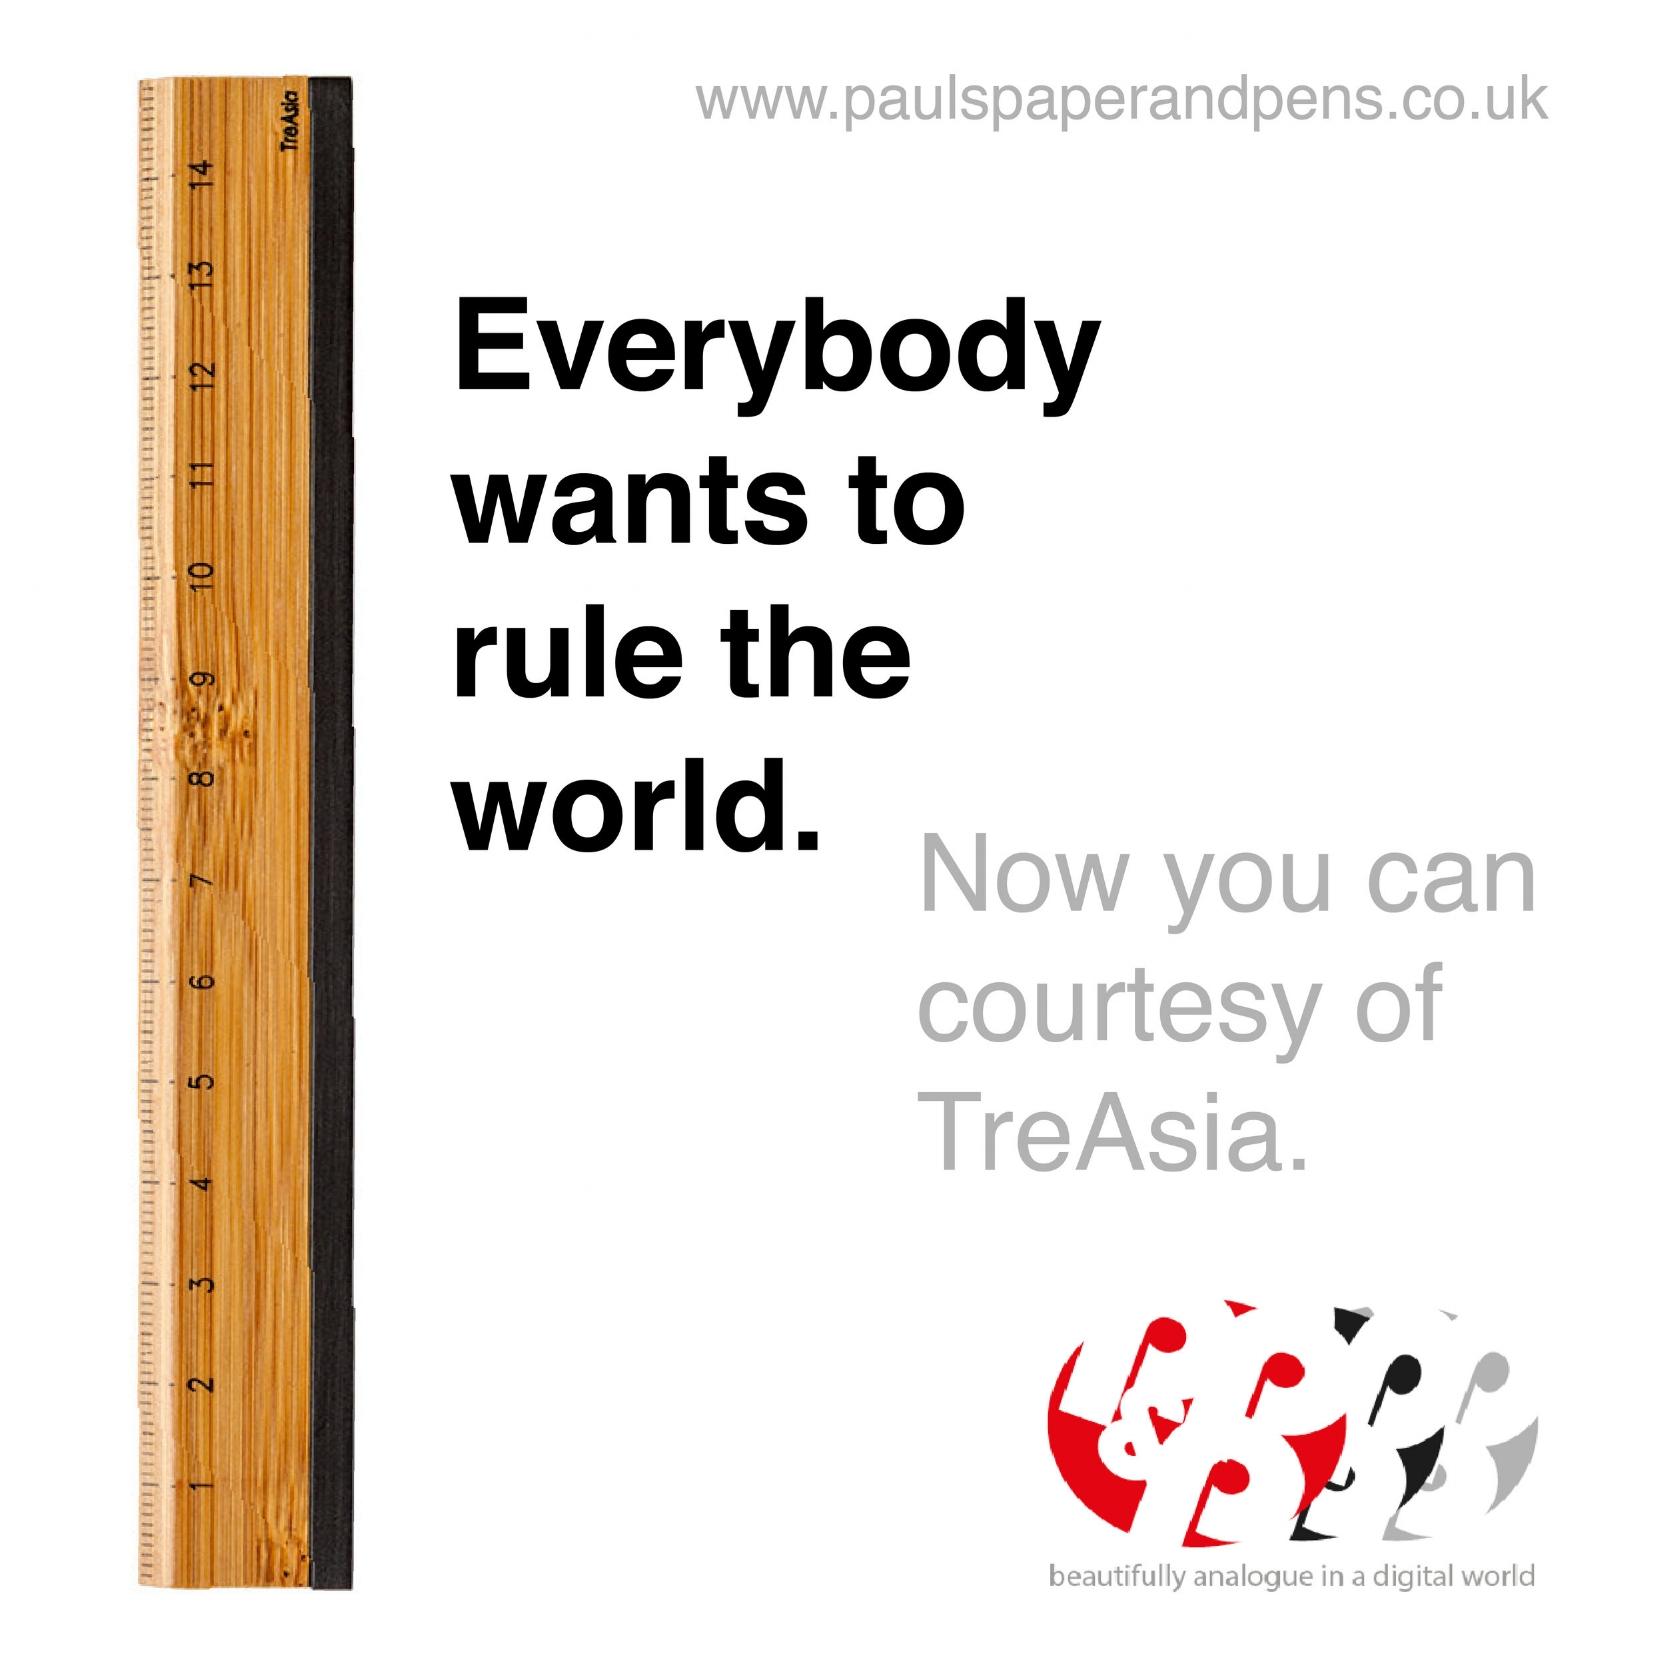 Pauls-Paper-and-Pens-Ruler